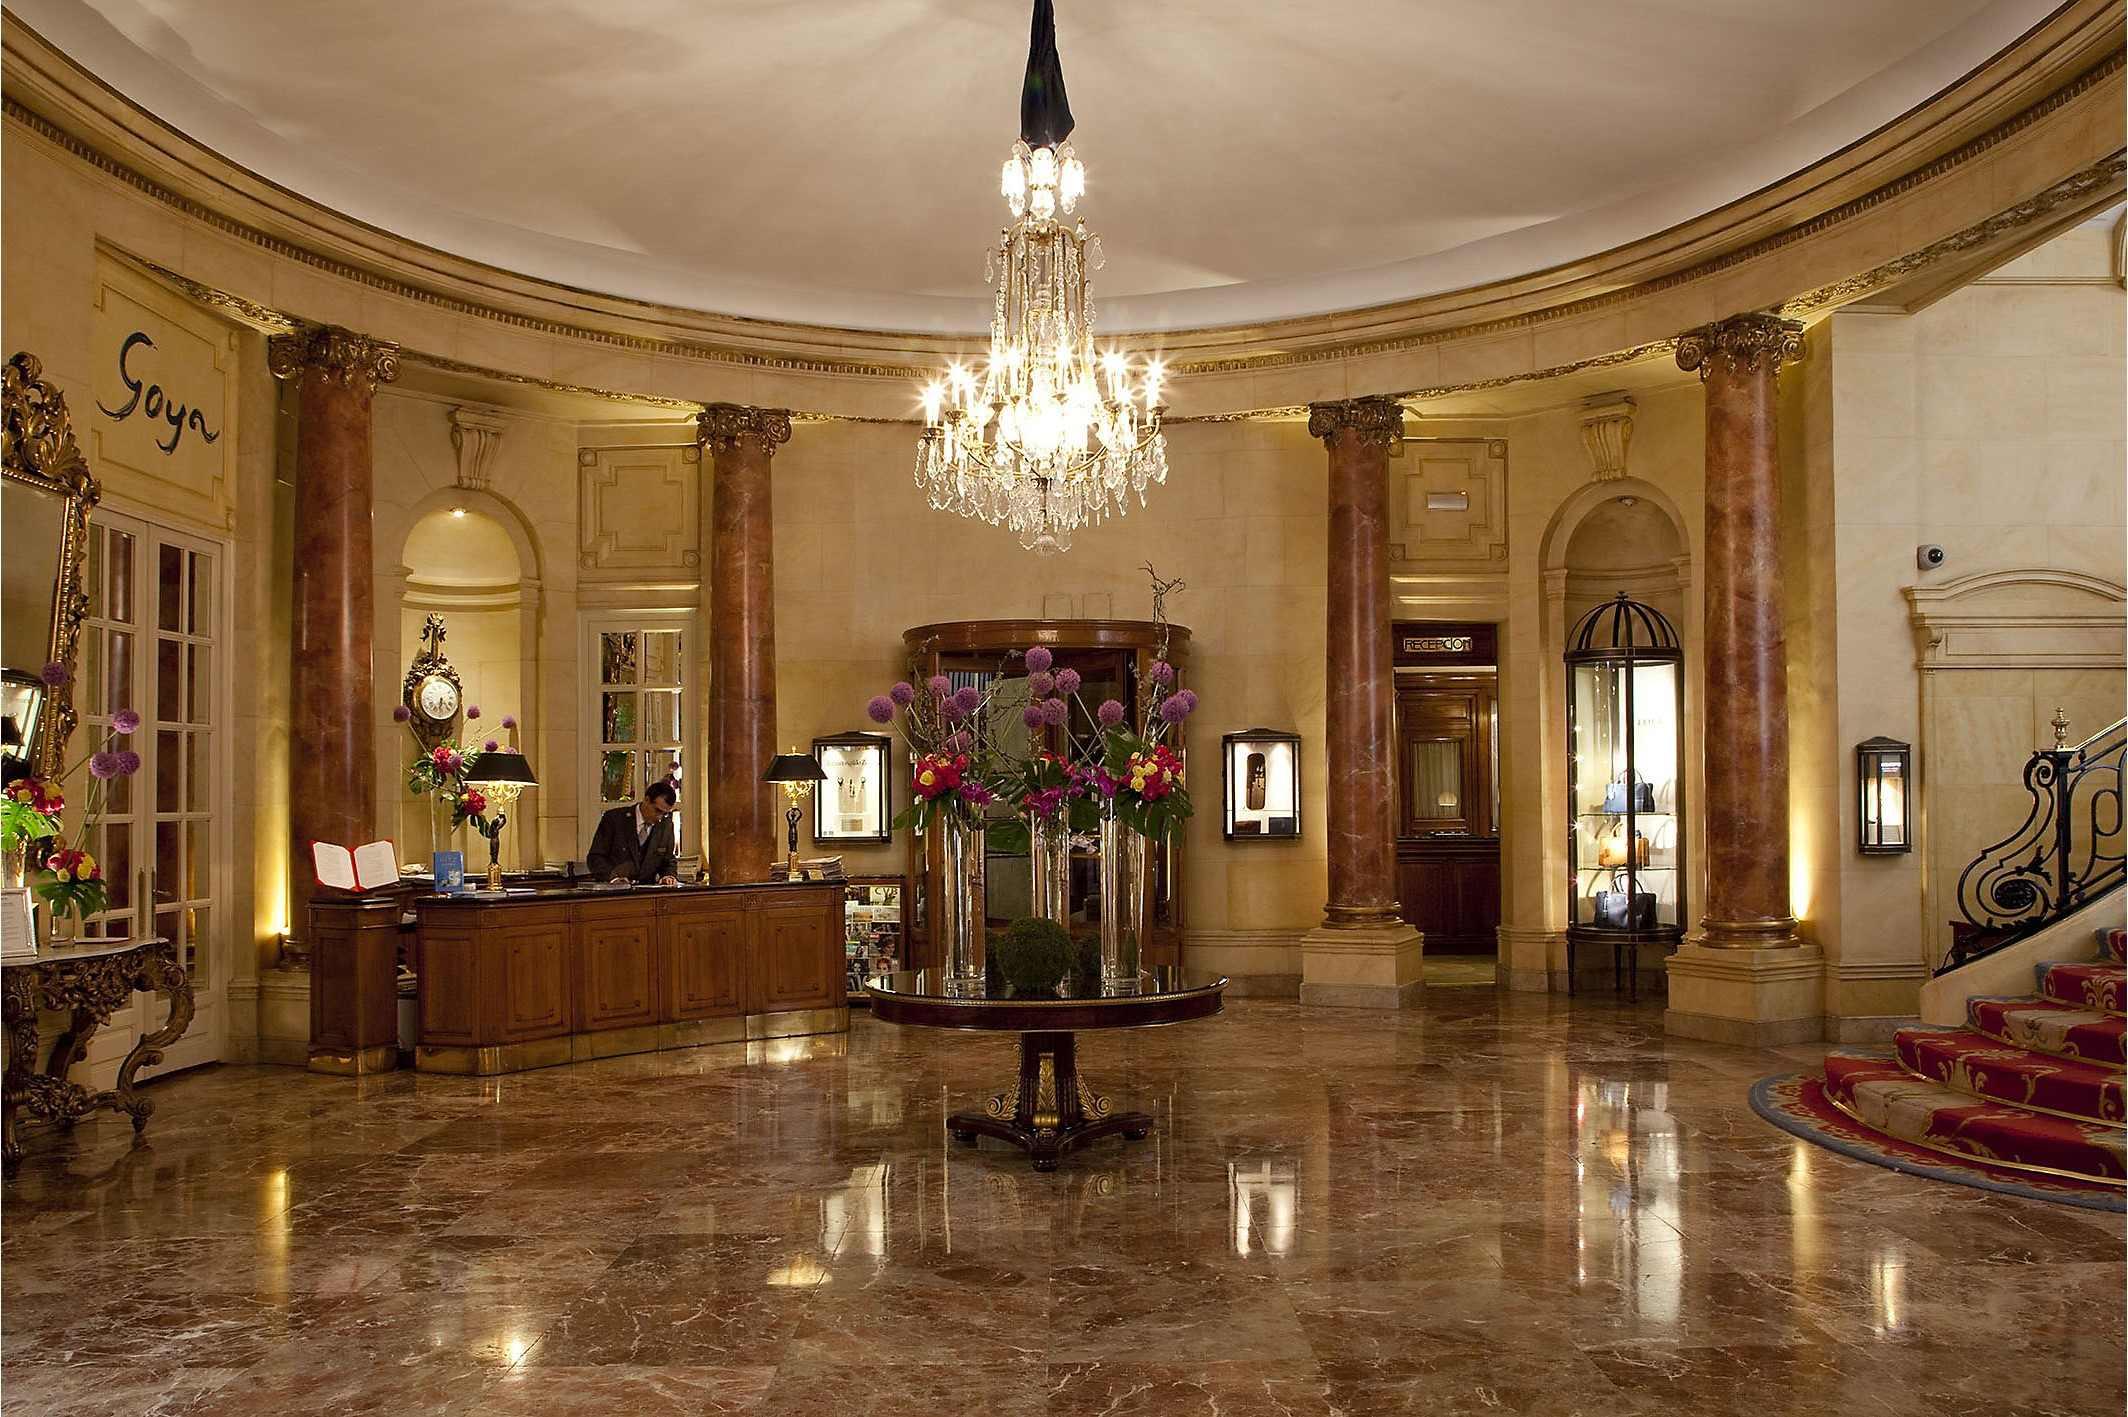 hotelritz-lobby-1